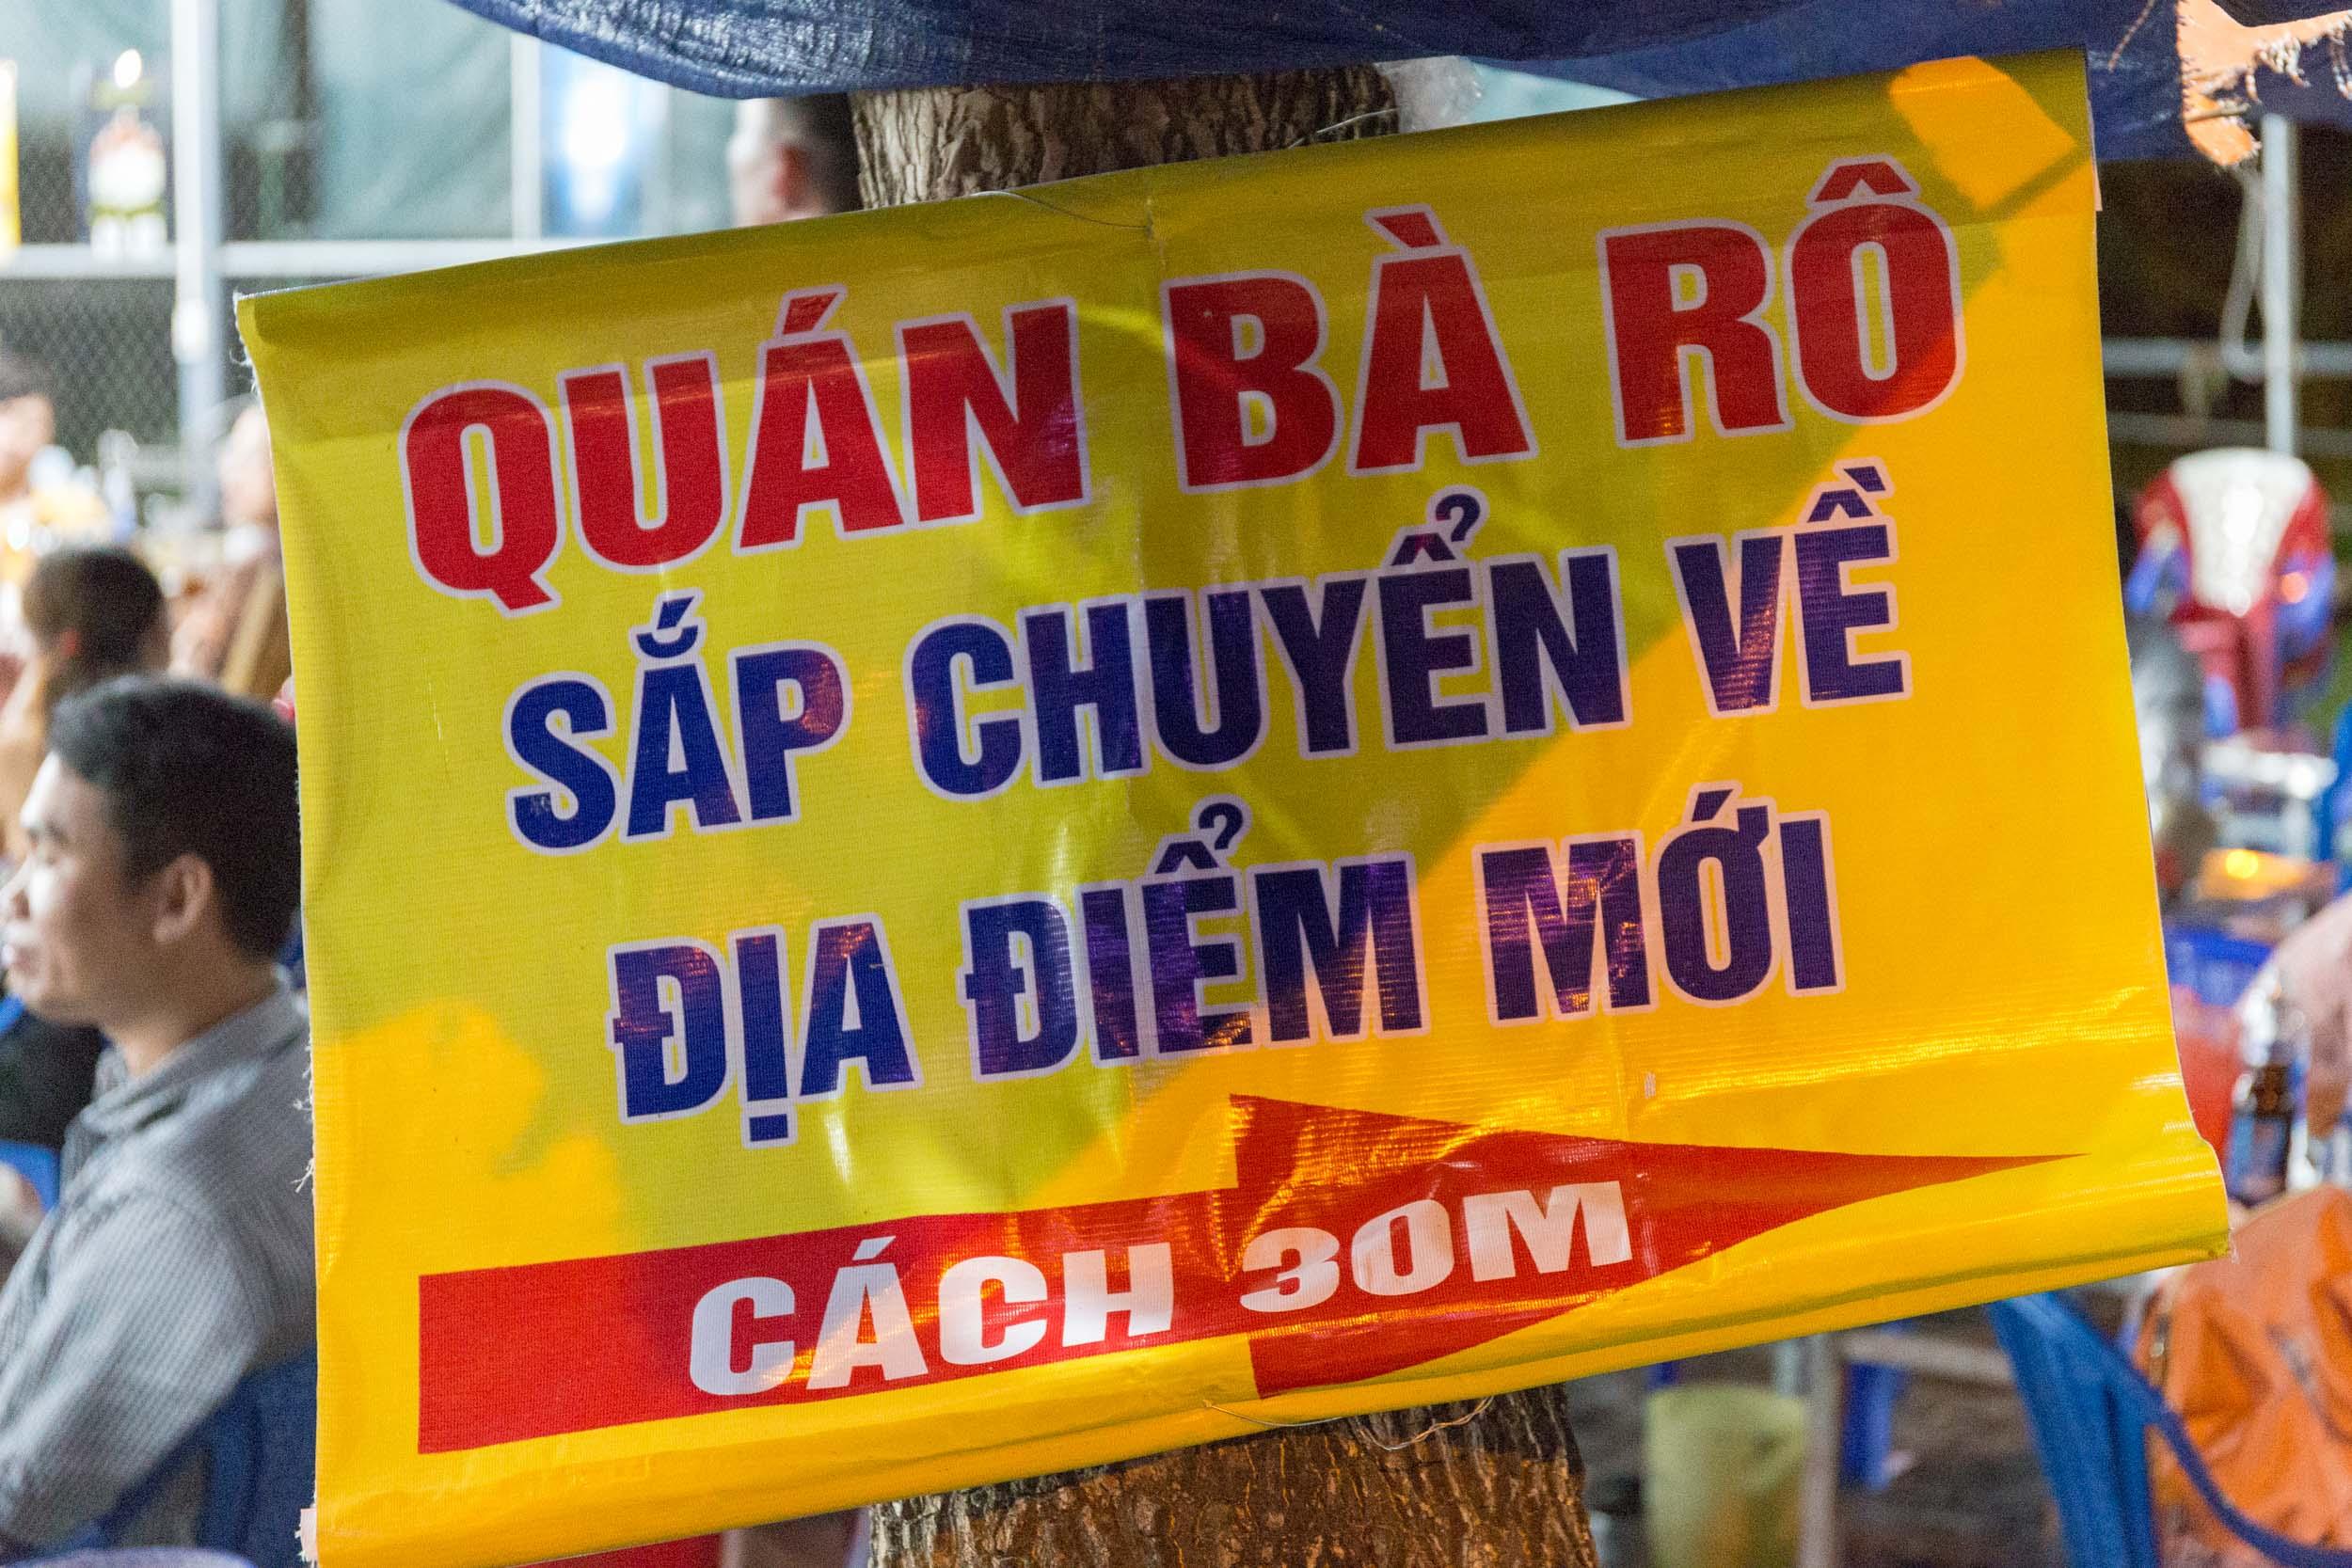 Hải sản Bà Rô, Seafood Restaurant Da Nang, Vietnam.